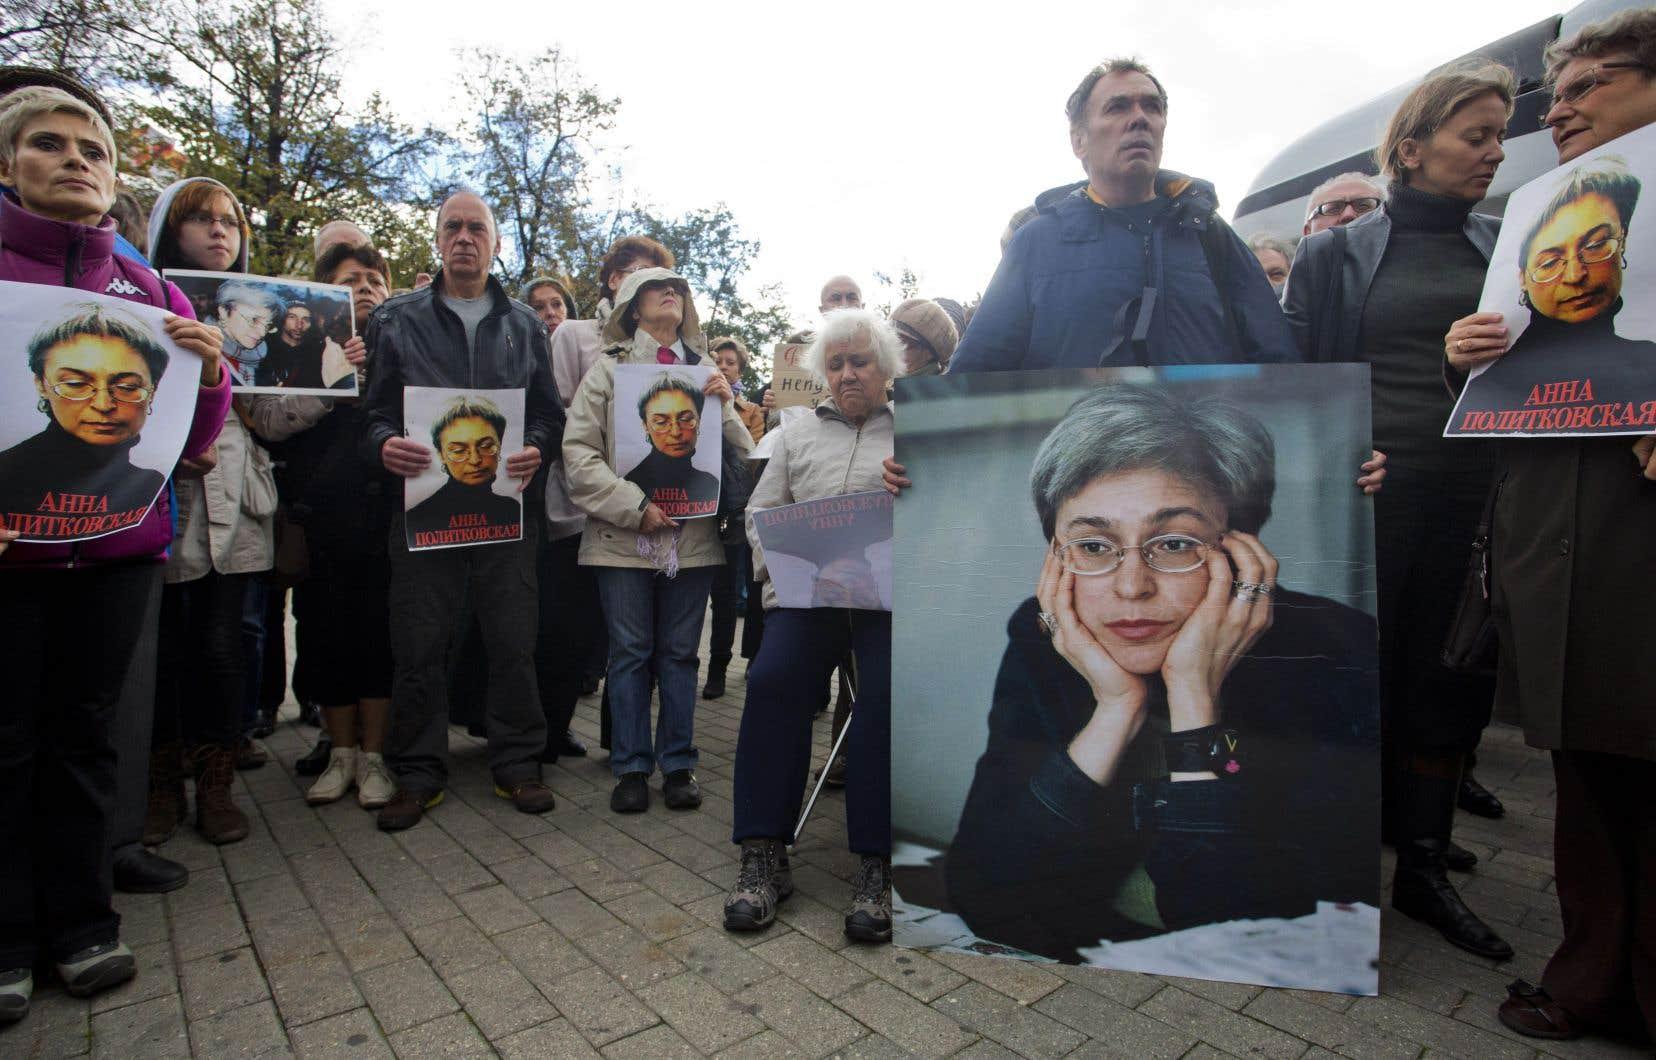 La journaliste Anna Politkovskaïa avait été assassinée en 2006.